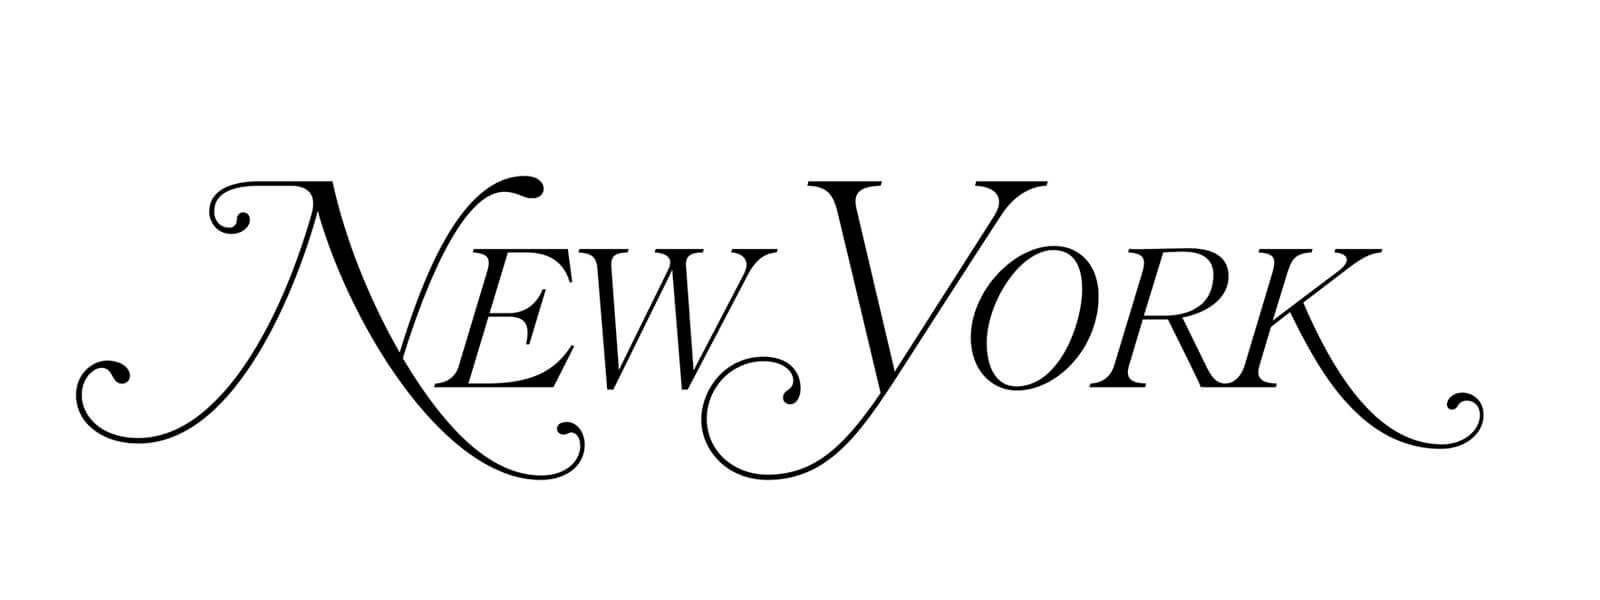 New York Magazine logo.